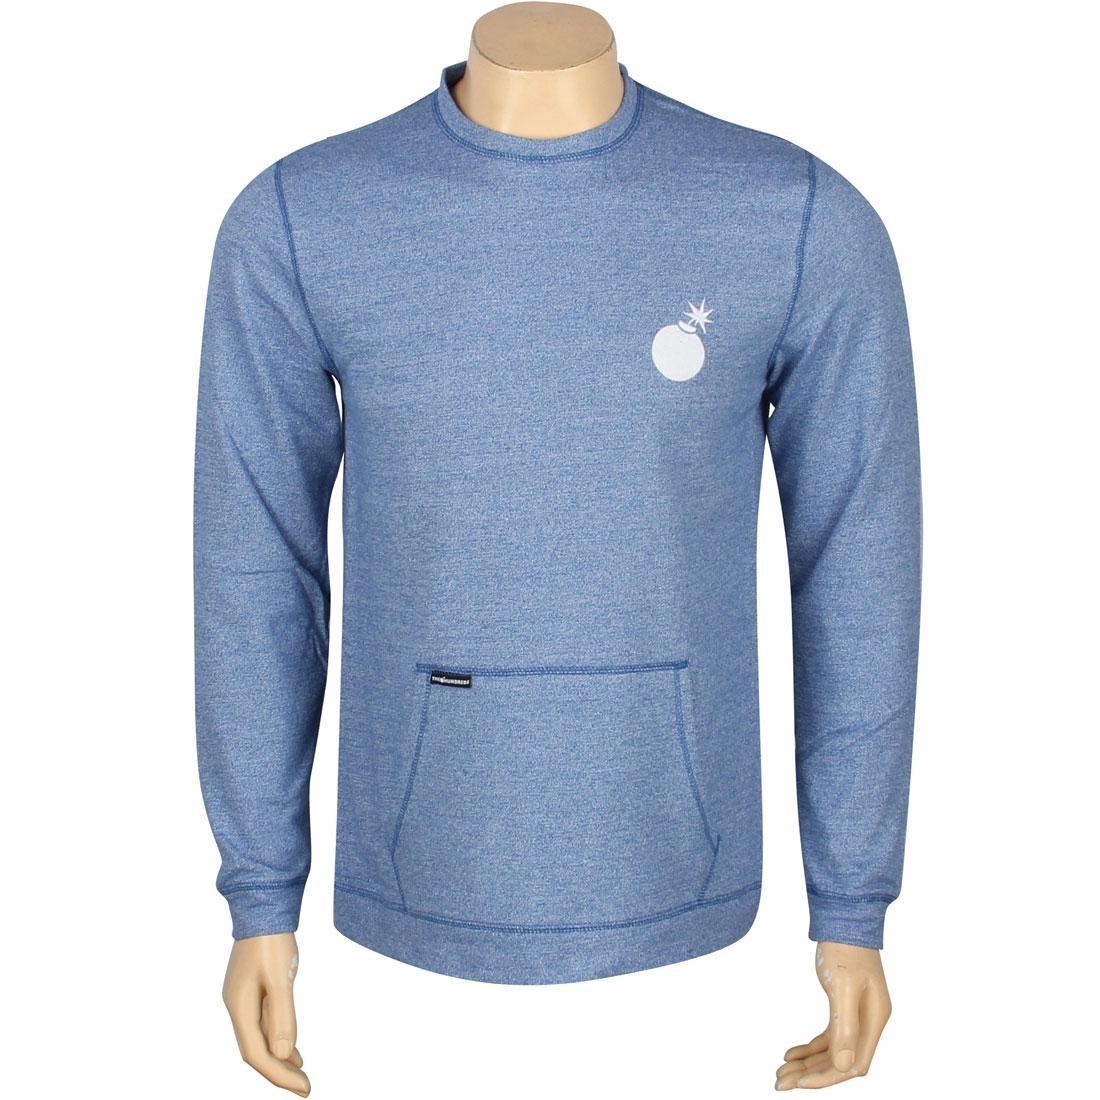 メンズファッション トップス Tシャツ カットソー メンズ 【 The Hundreds Yokozuna Crewneck (blue / White) 】 Blue / White